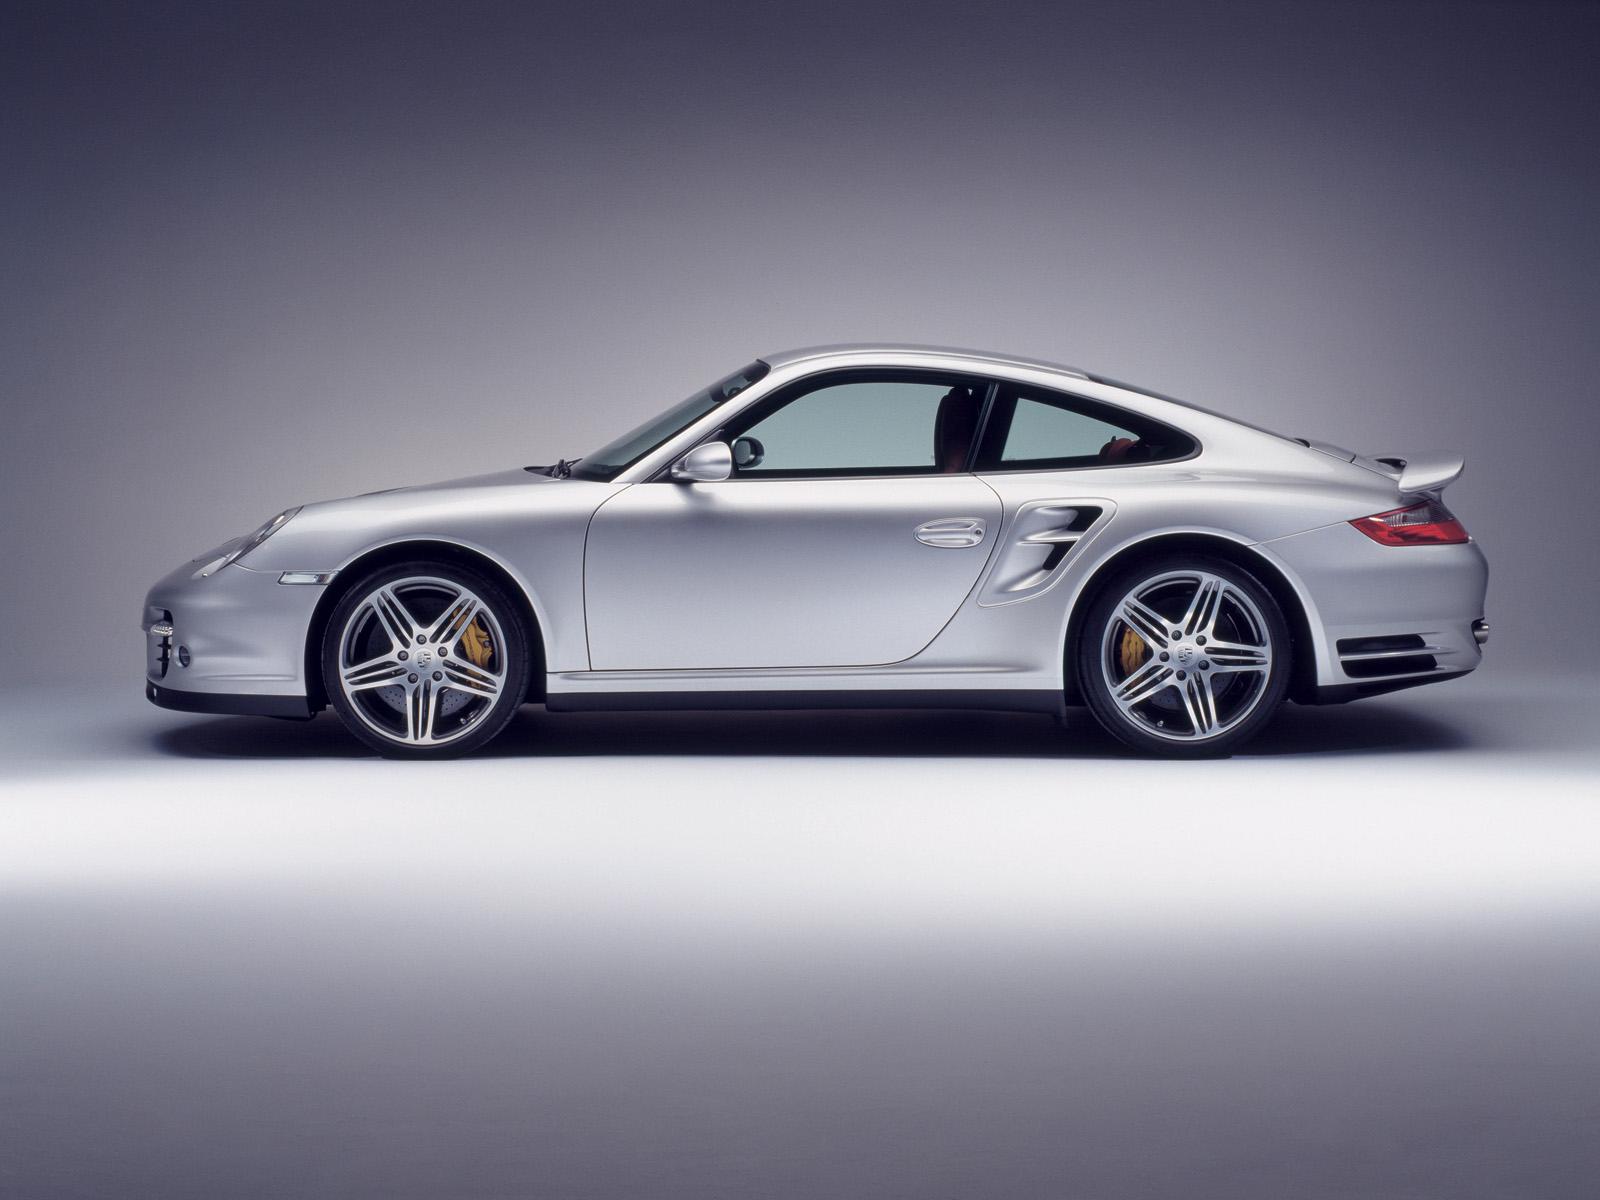 porsche 911 turbo 997 1 frieza alem korn cars. Black Bedroom Furniture Sets. Home Design Ideas